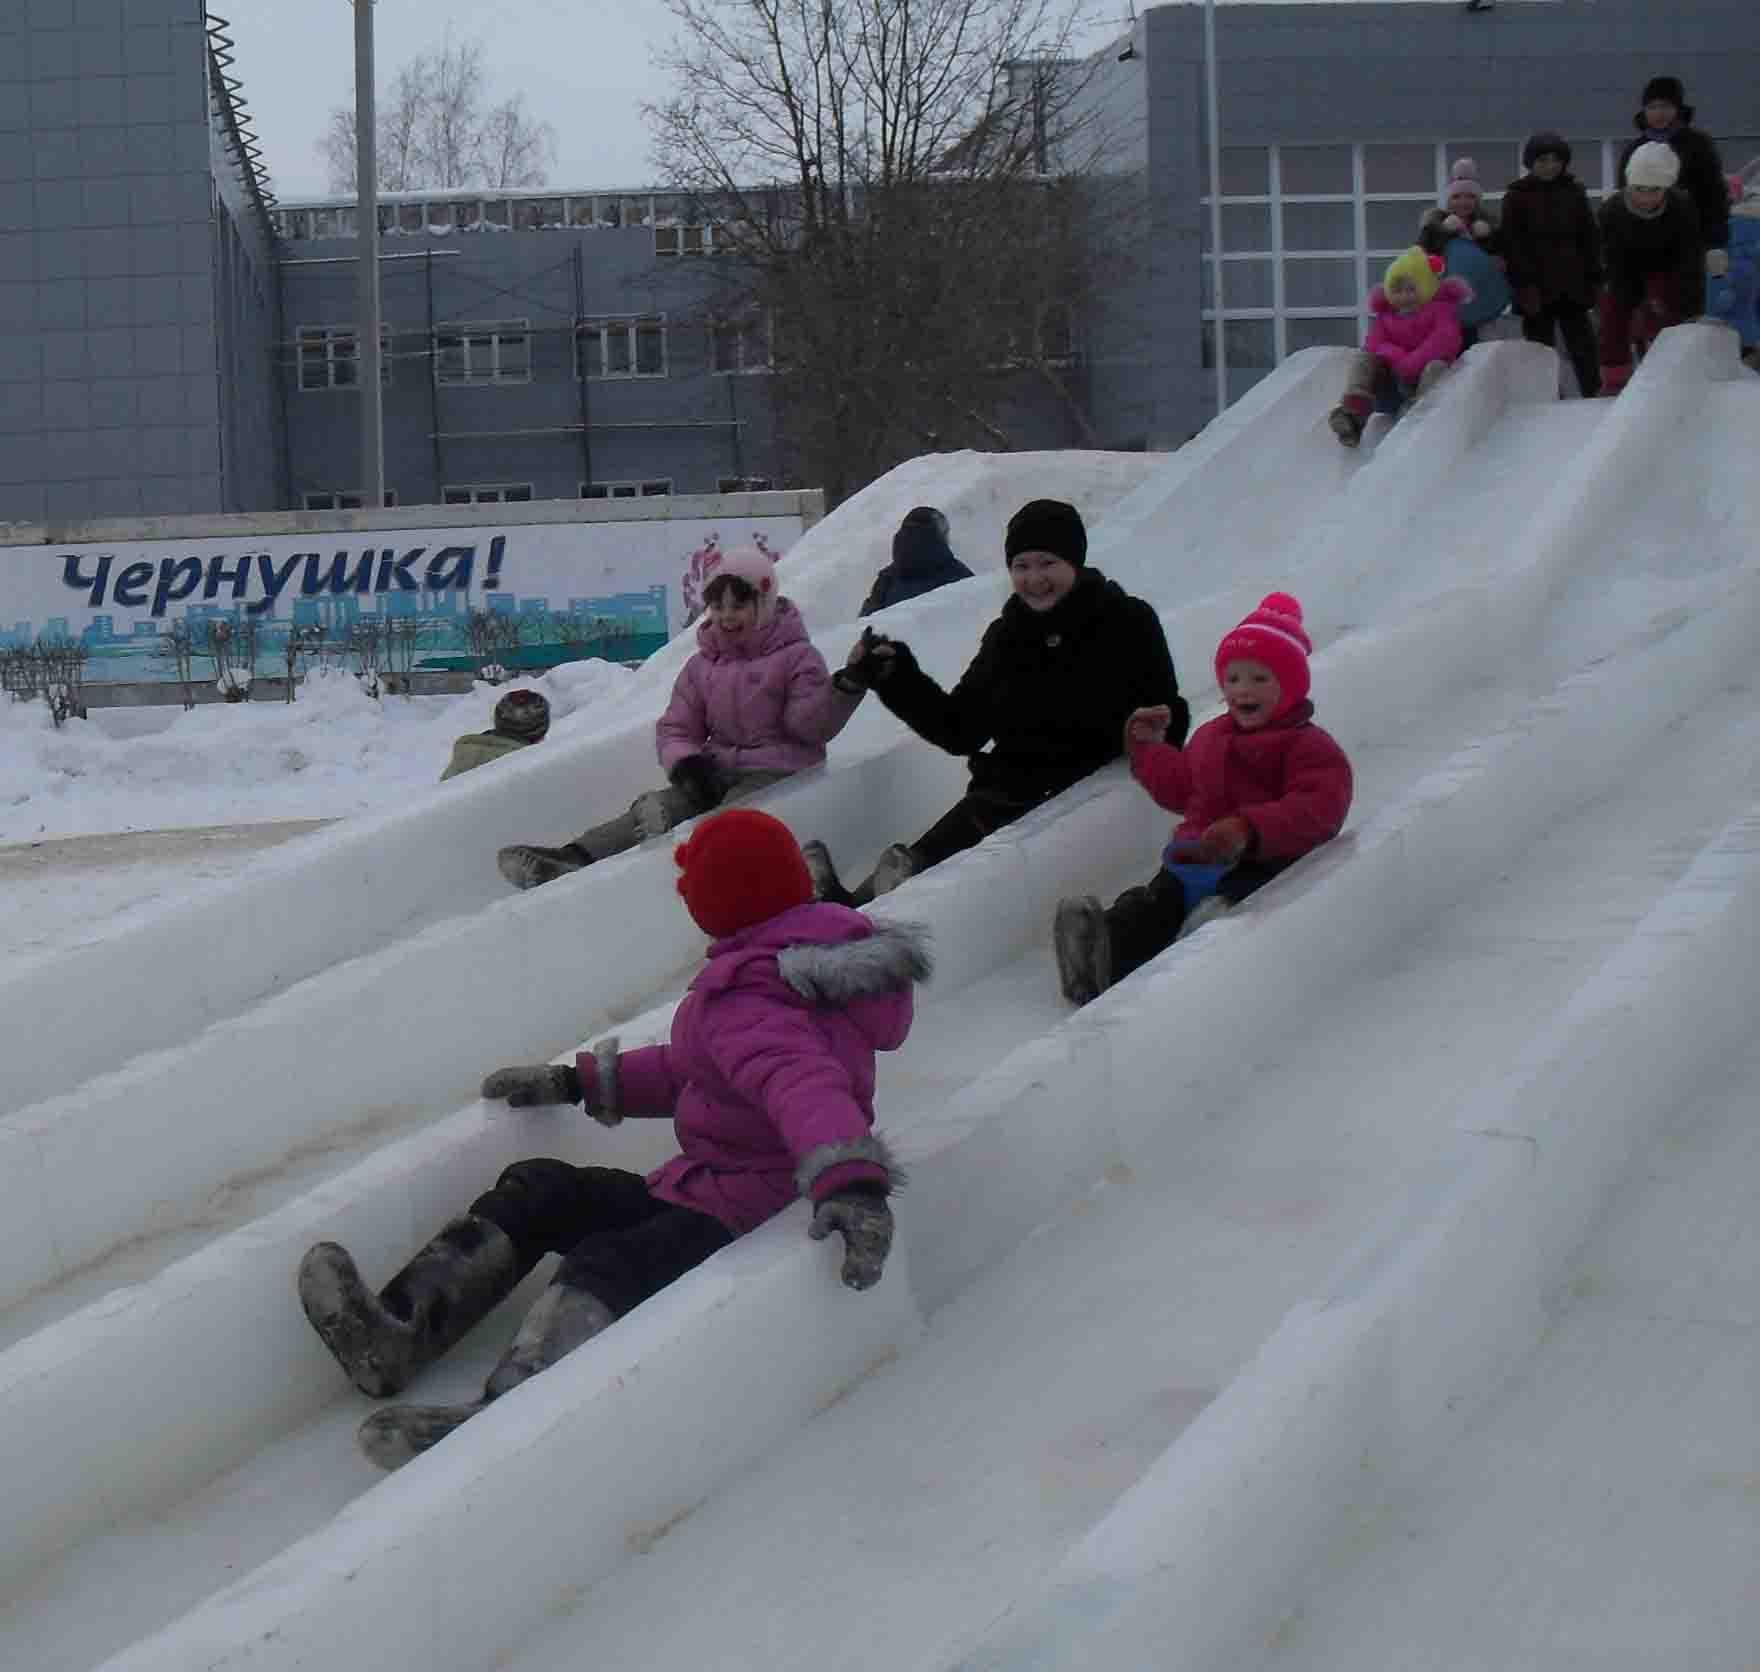 Весёлые зимние каникулы и снежные